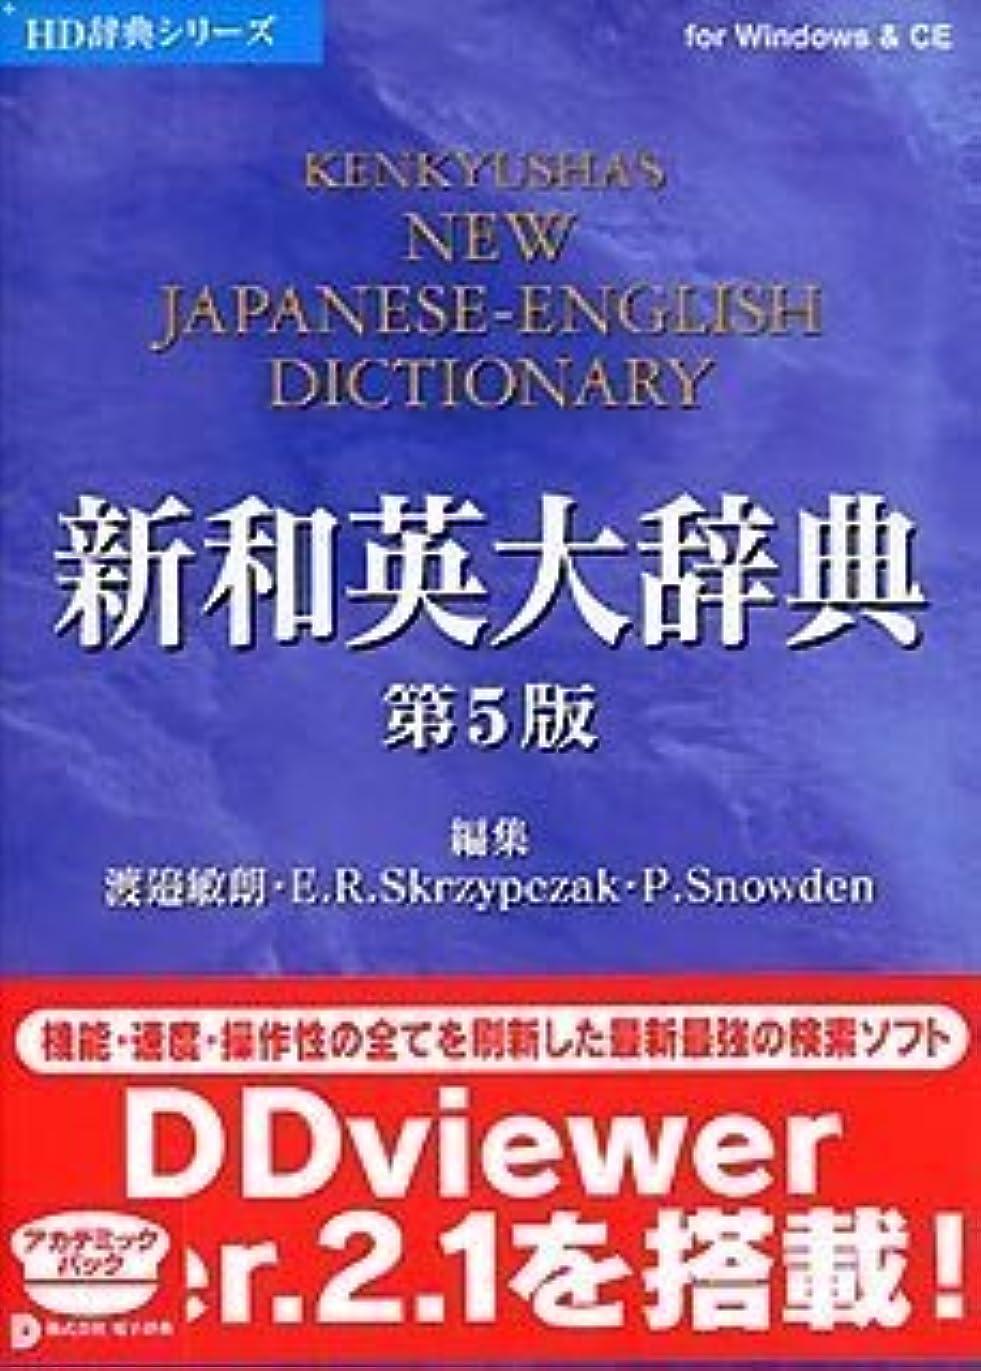 発表寝室を掃除するジャーナル研究社新和英大辞典 第5版 V2 アカデミック